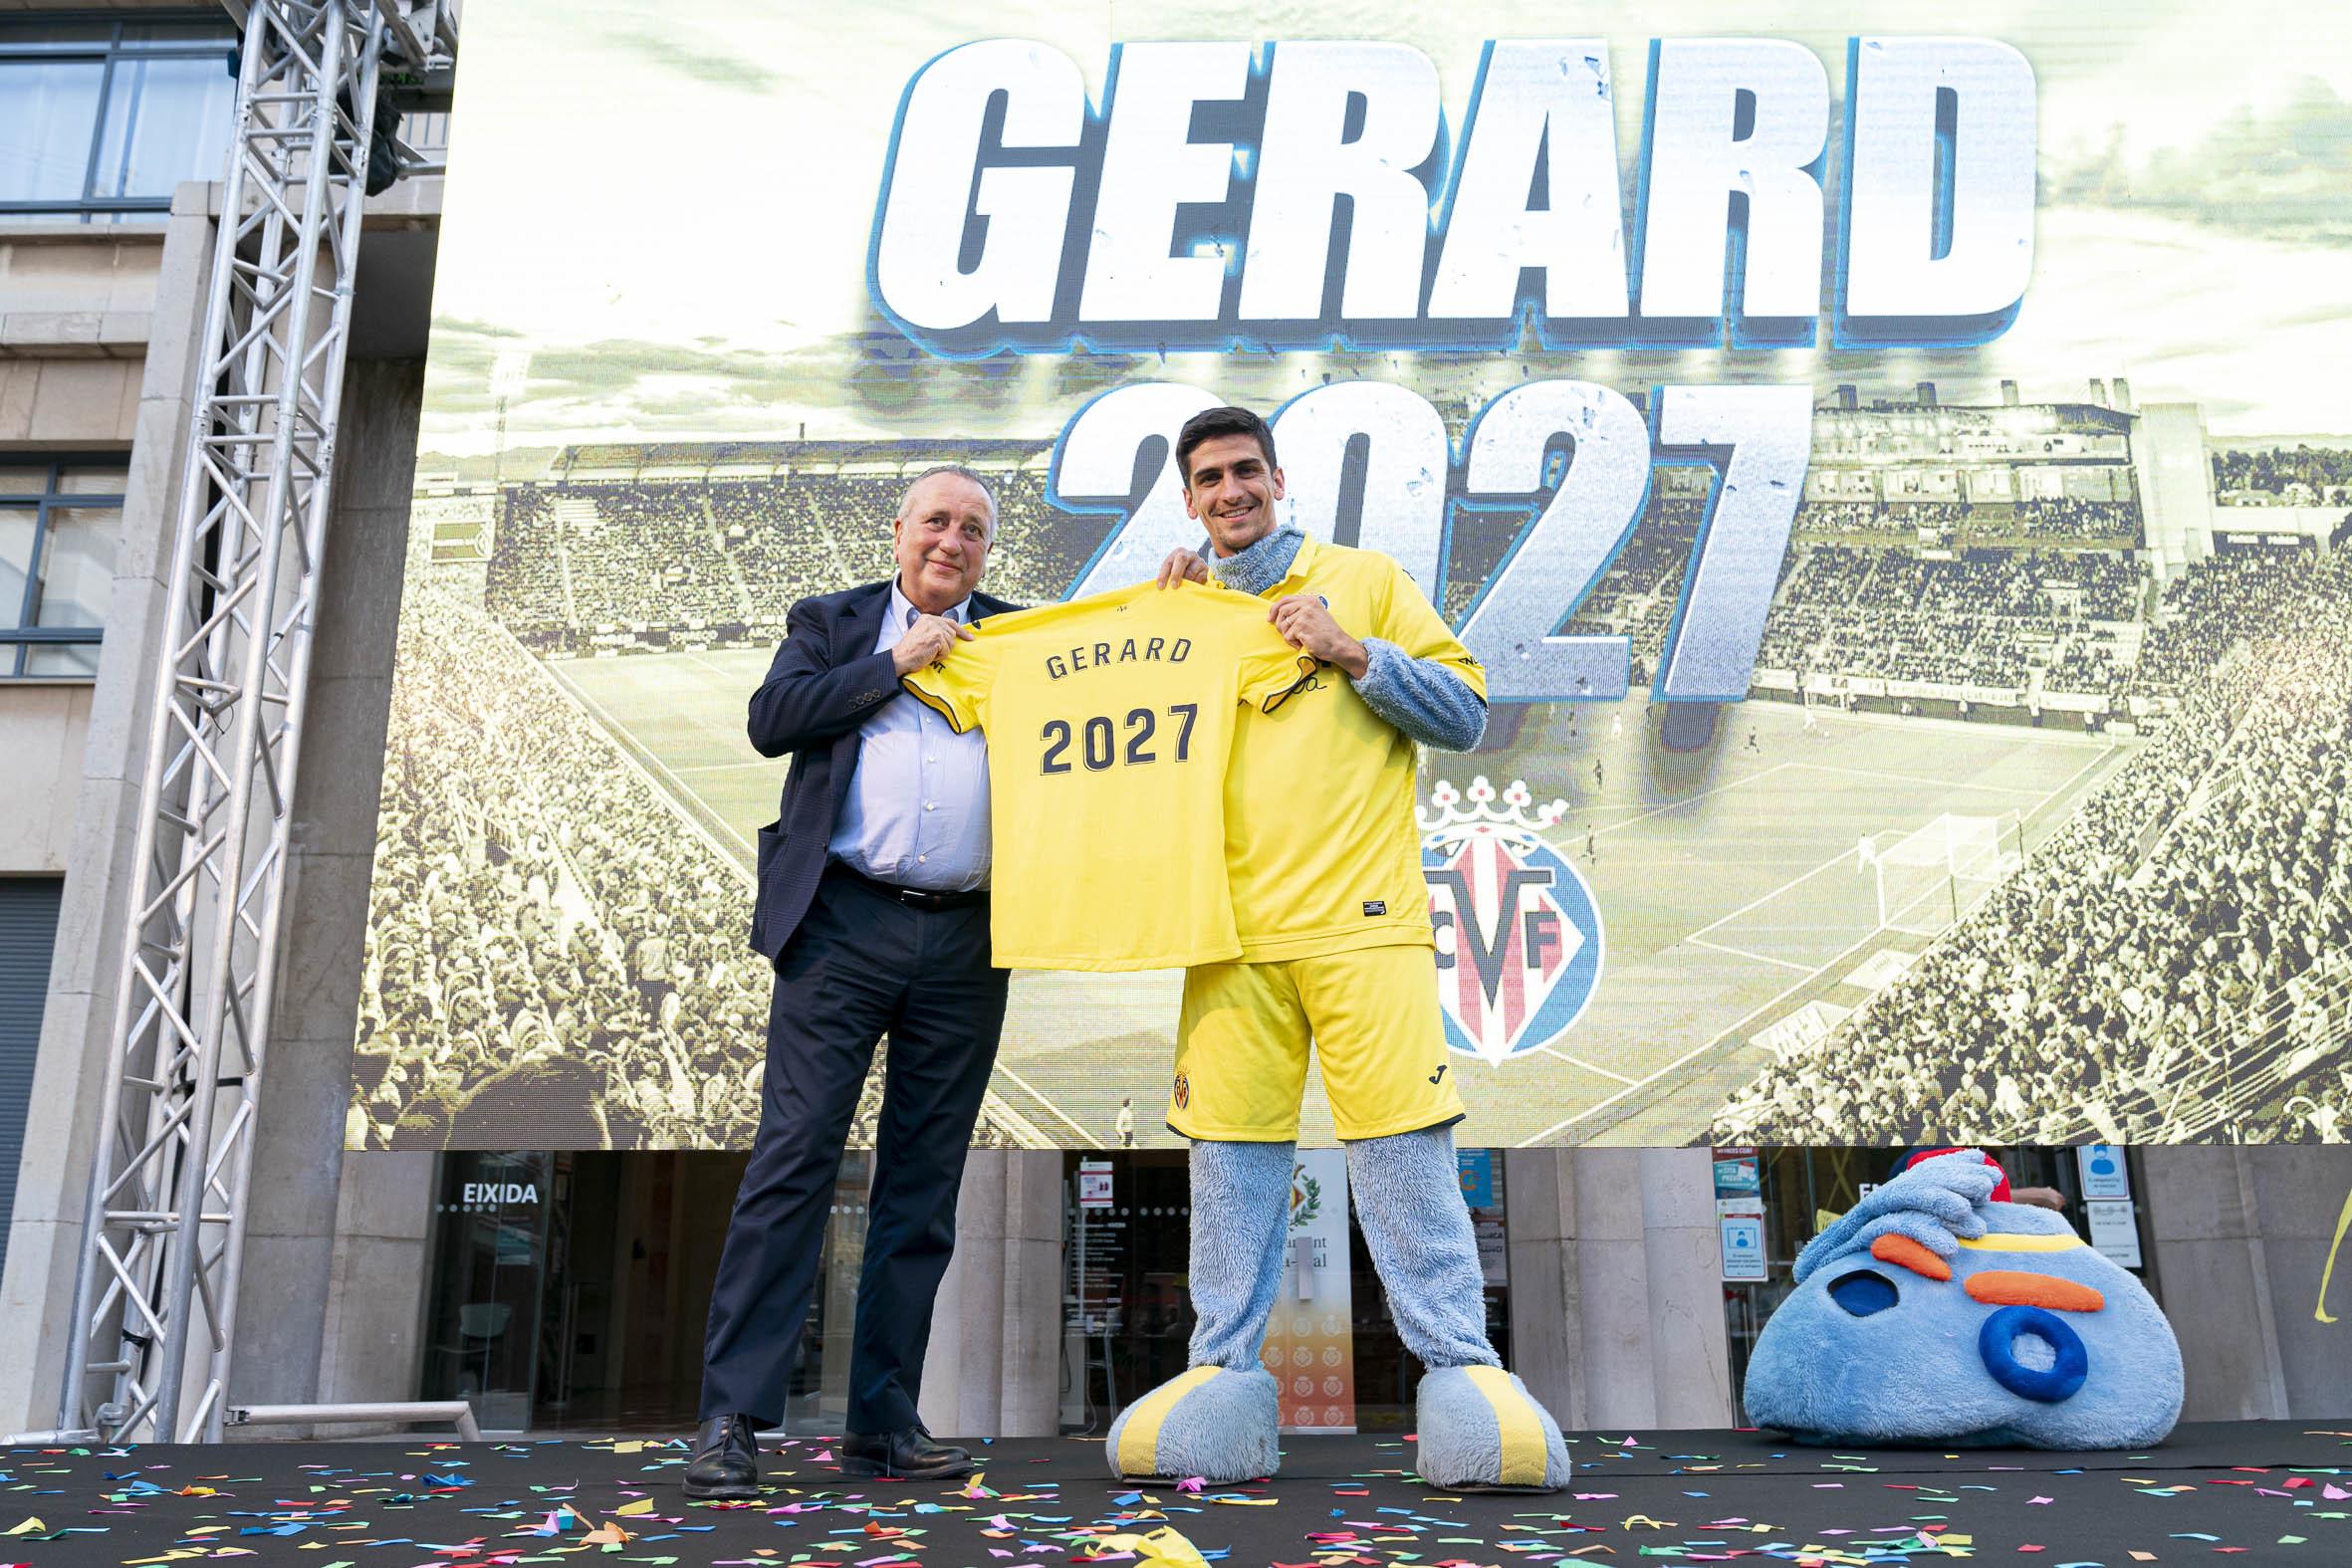 Gerard, disfrazado de la mascota del club, posa junto a Fernando Roig en el inusual anuncio de su renovación.